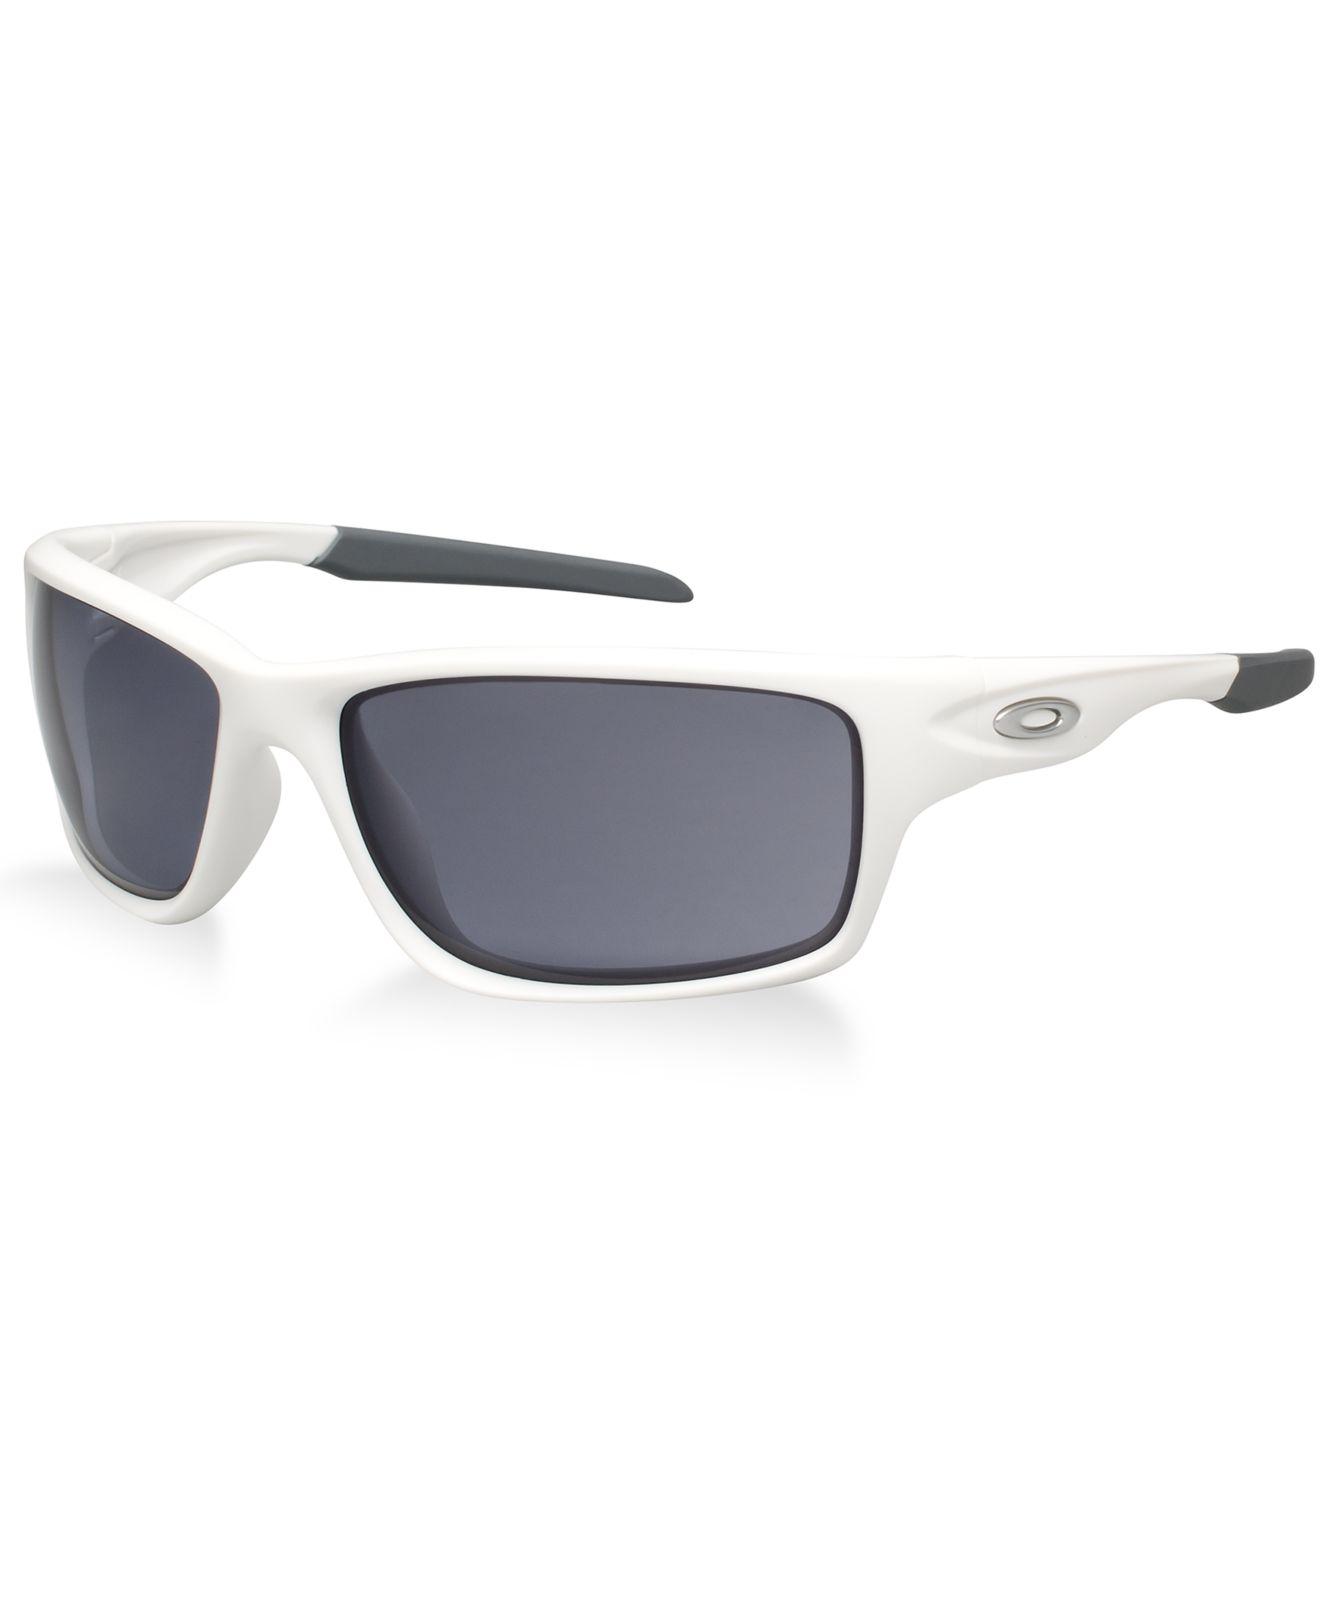 new oakleys 2015  new oakley sunglasses 2015